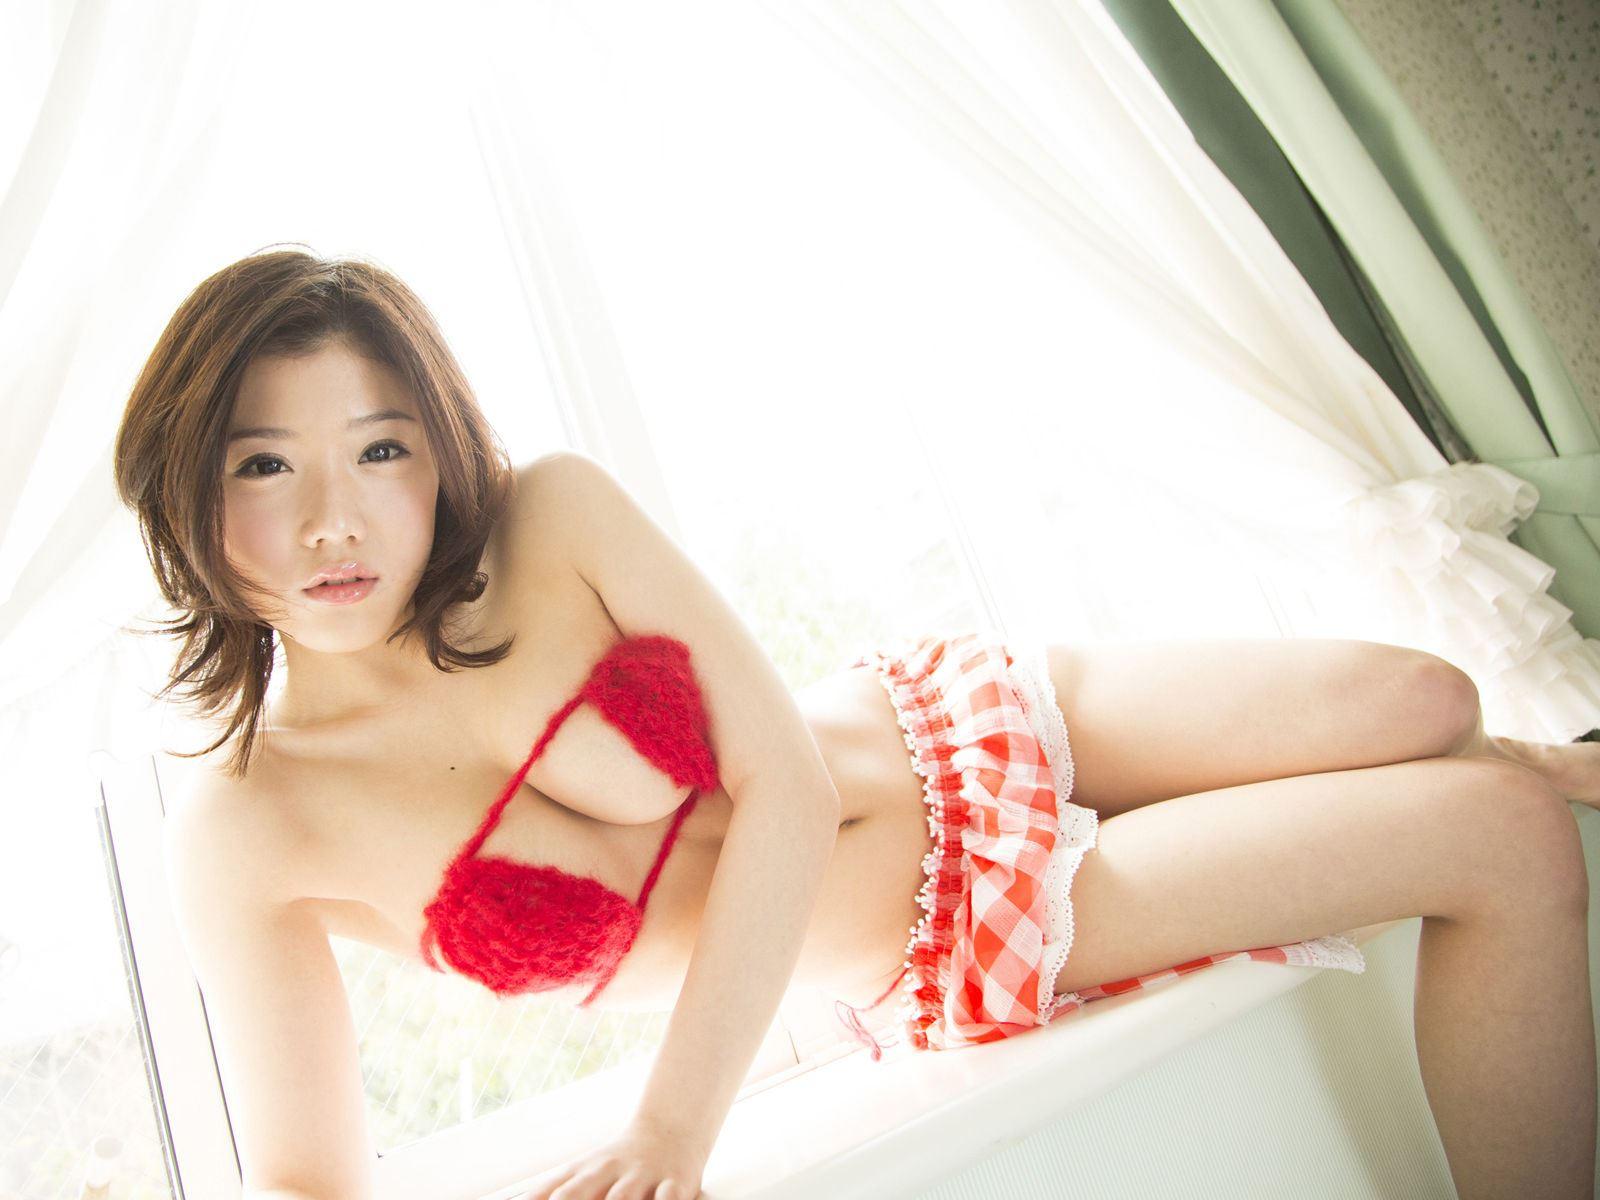 千明芸夢 Eカップ 横乳 過激 水着 エロ画像 26